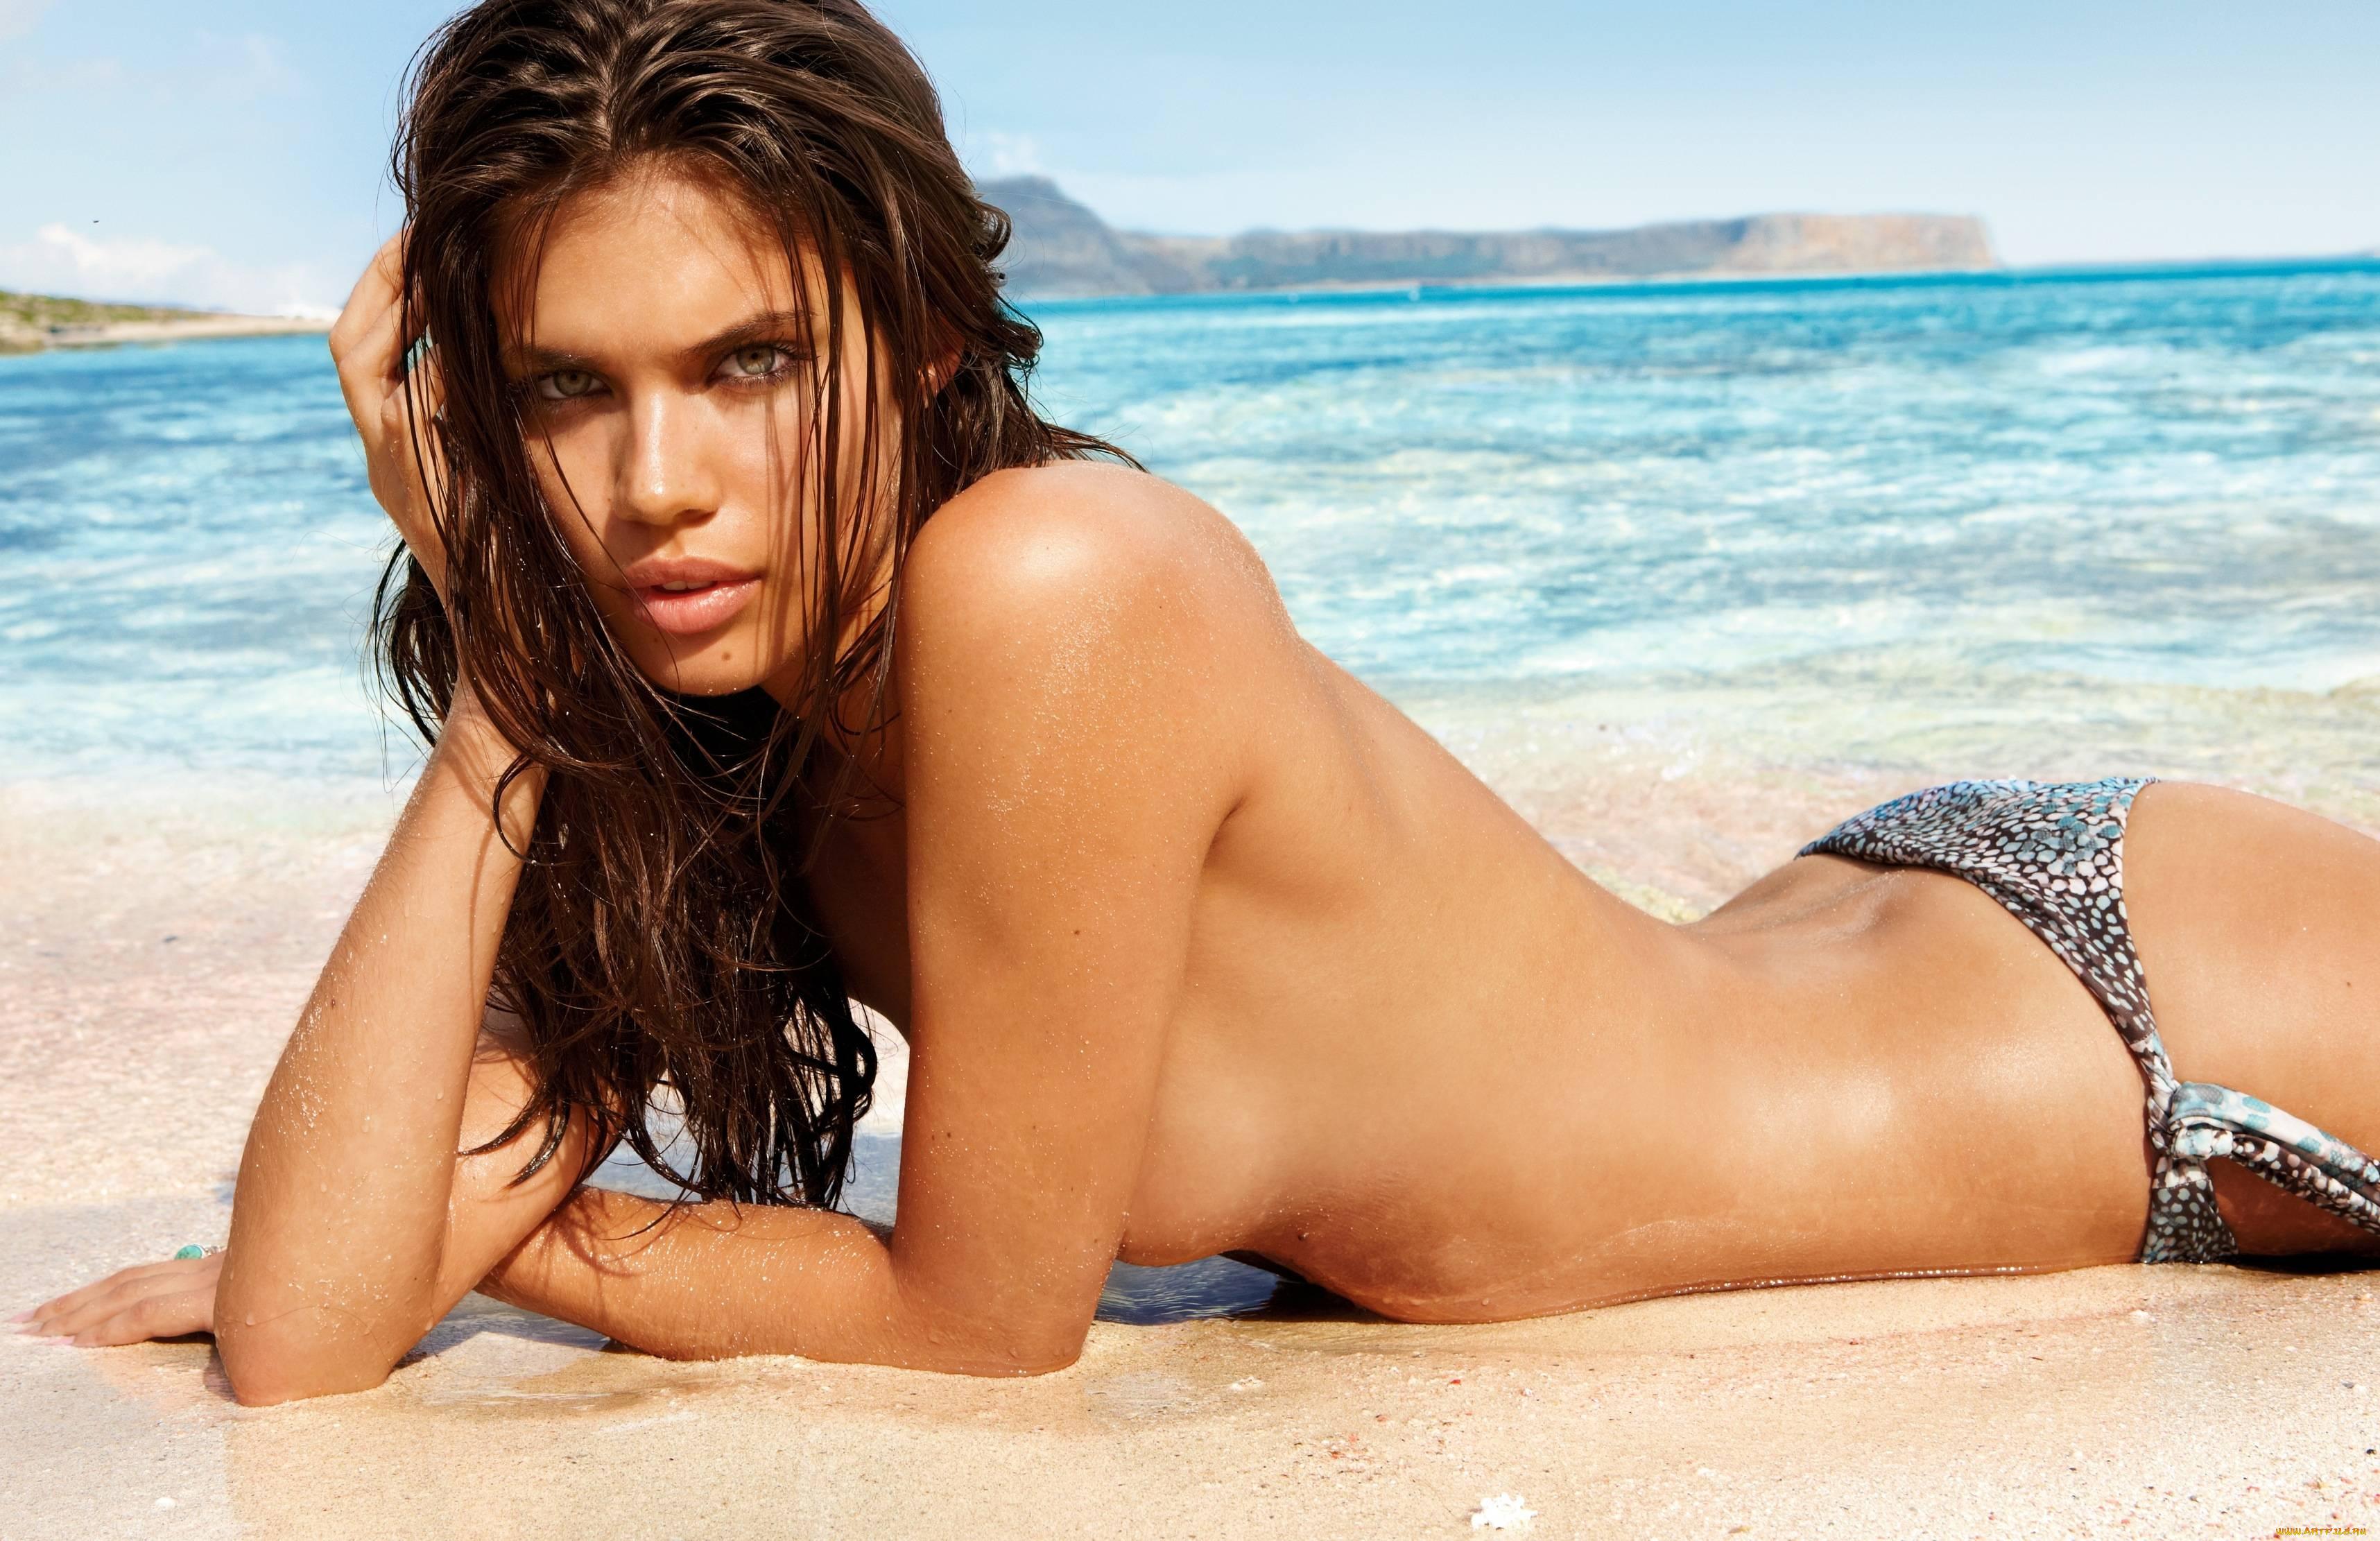 Модели на пляже топлес девку секс